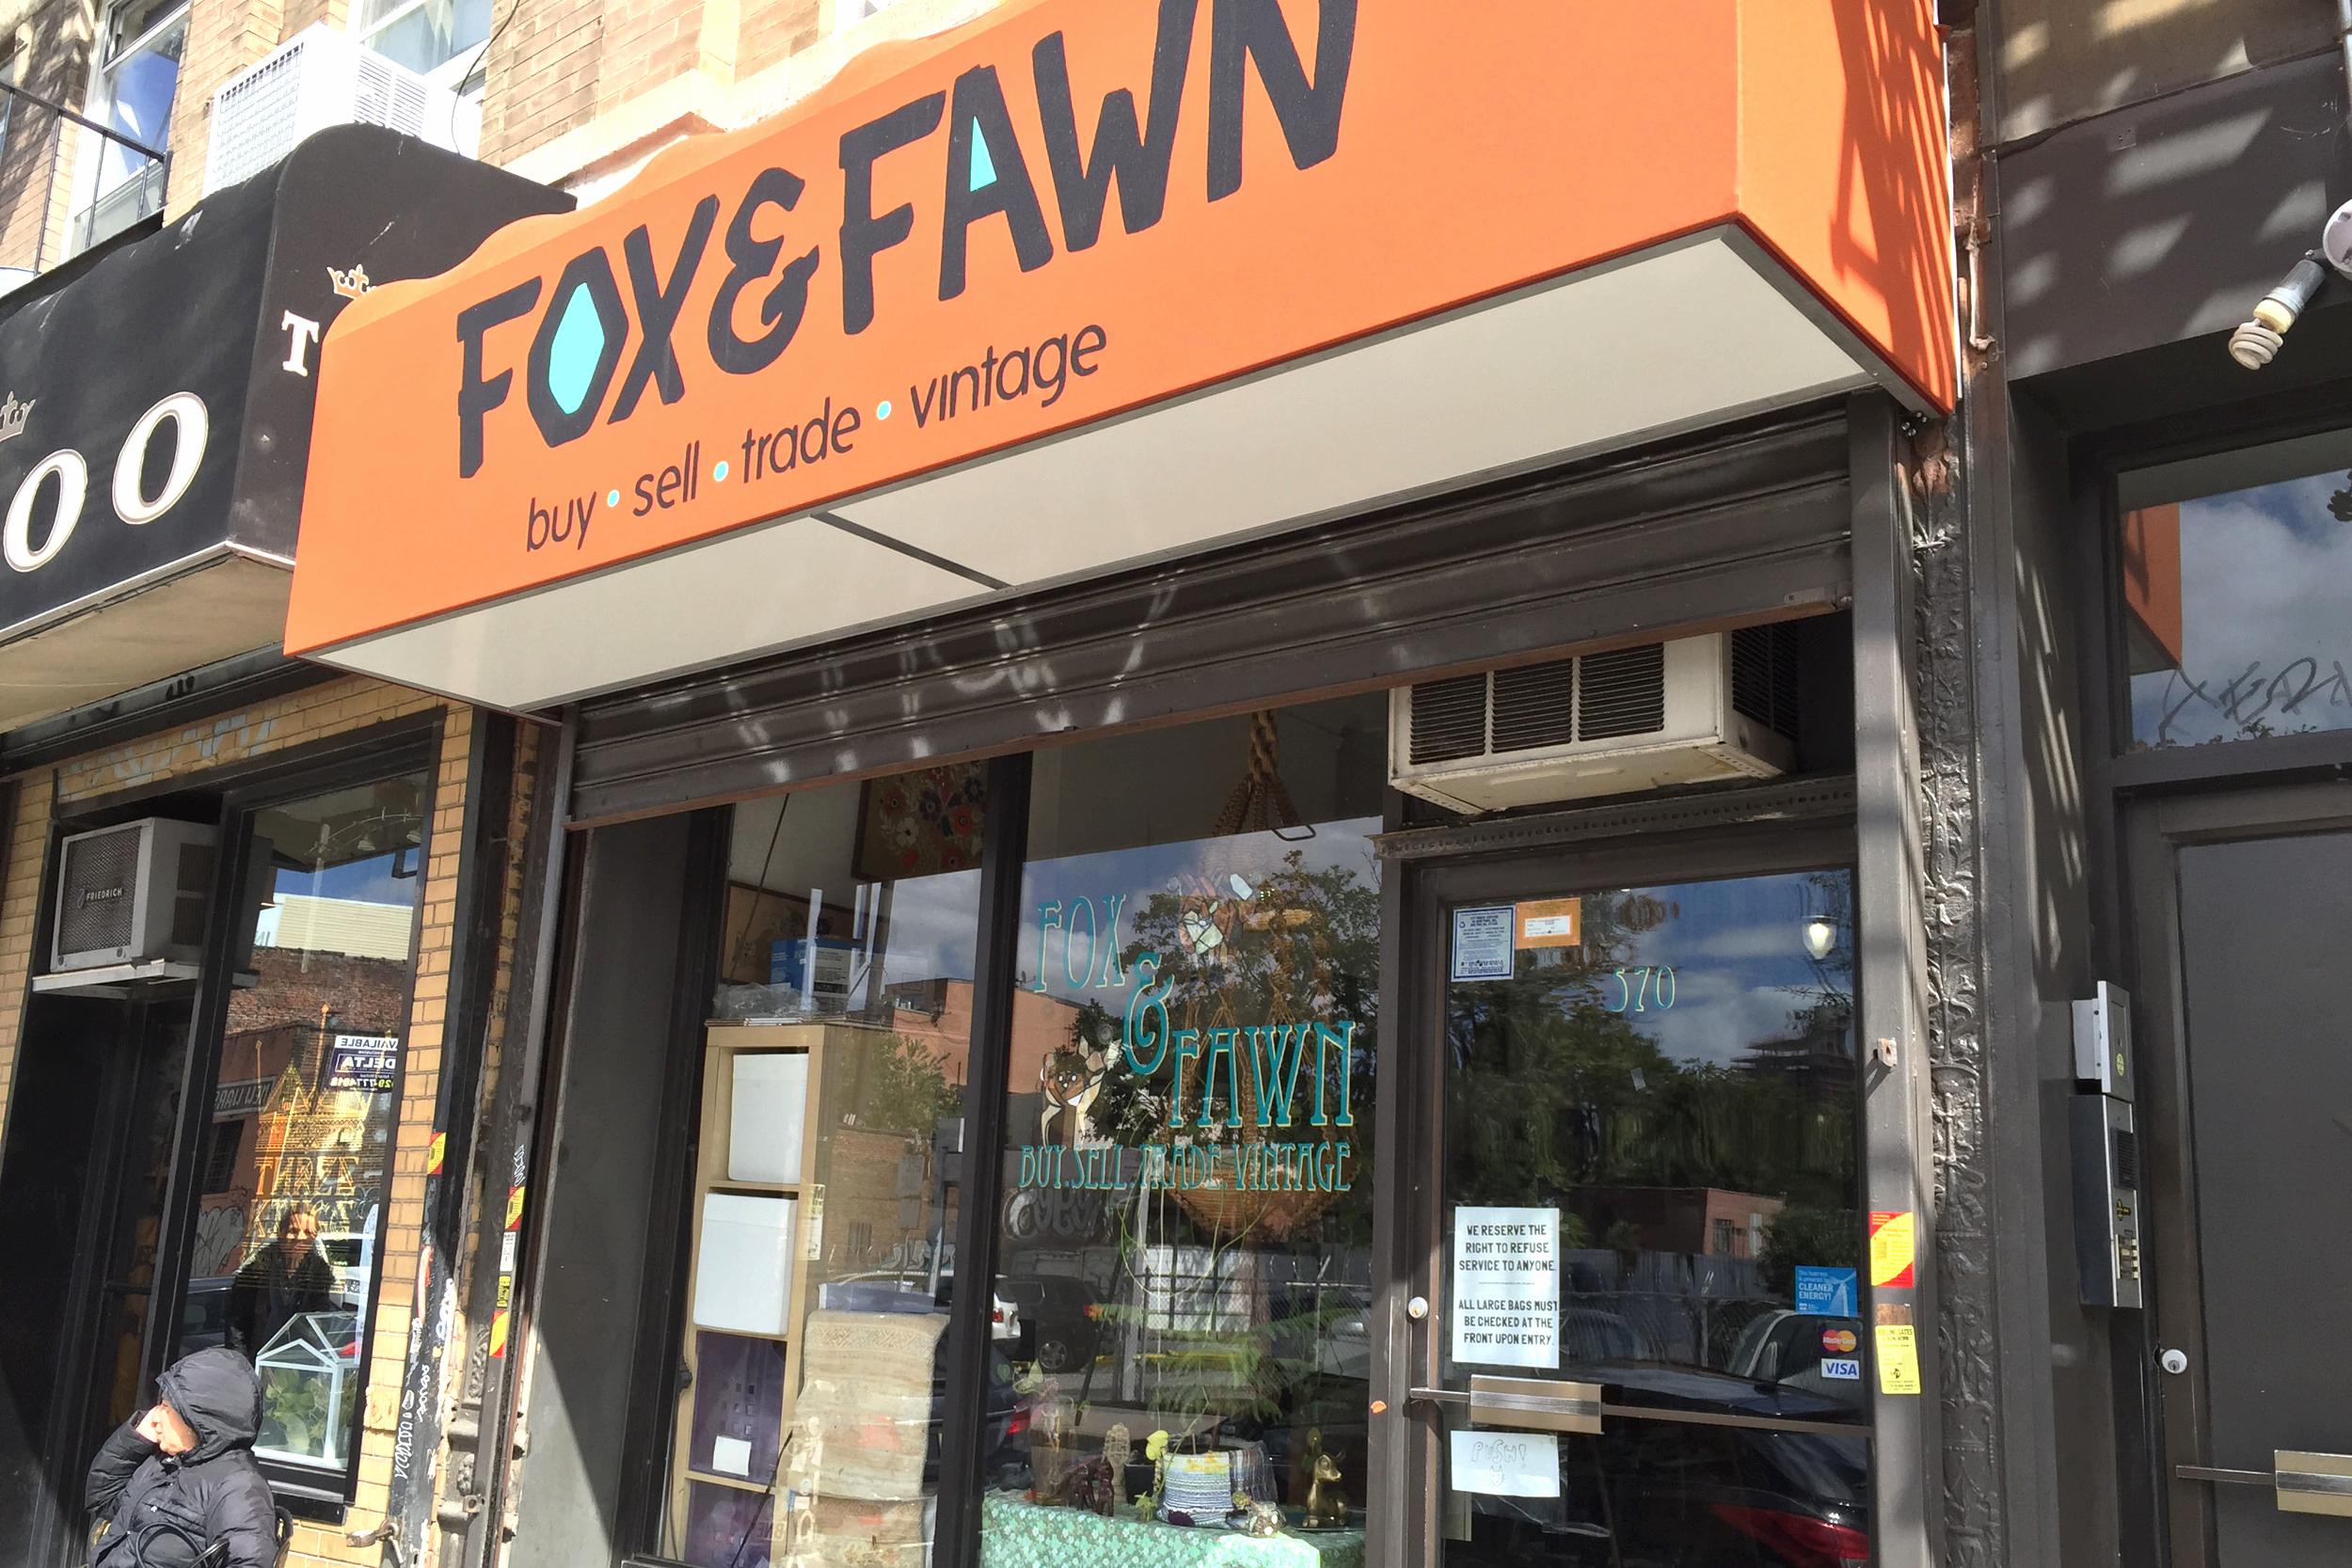 FoxFawn1.jpg